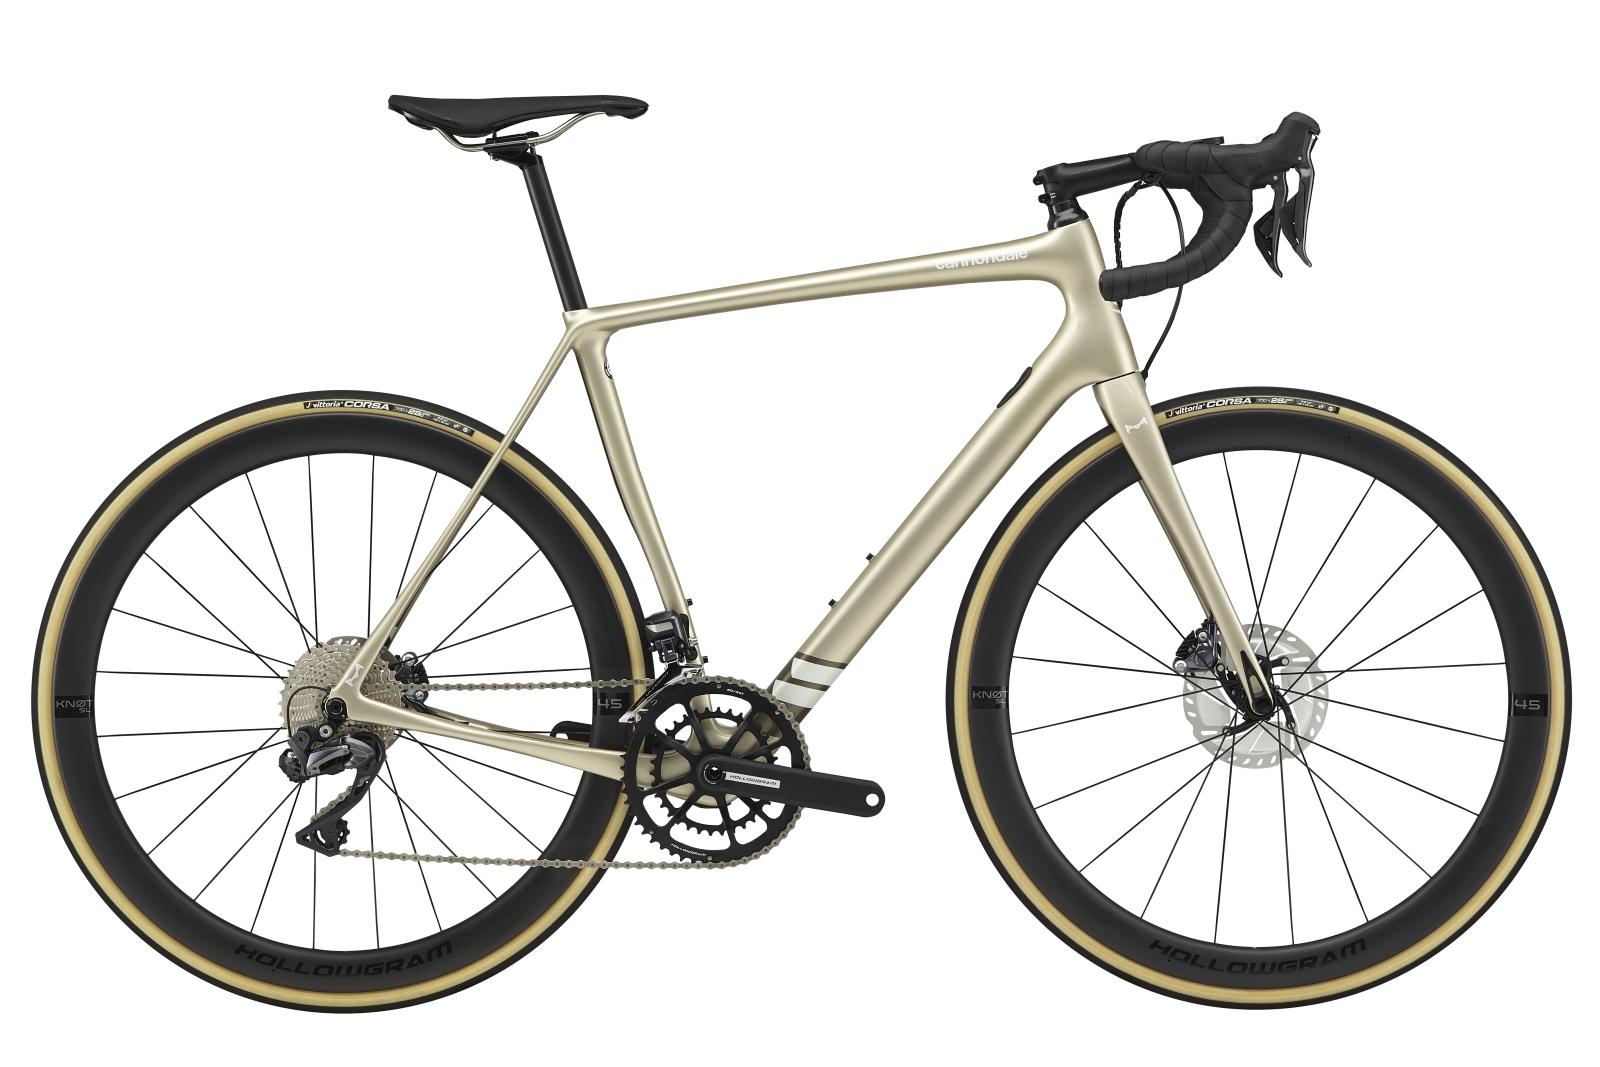 Cannondale Synapse Carbon Hi-MOD Disc Ultegra Di2 országúti kerékpár - pezsgő - 58 cm (2020)